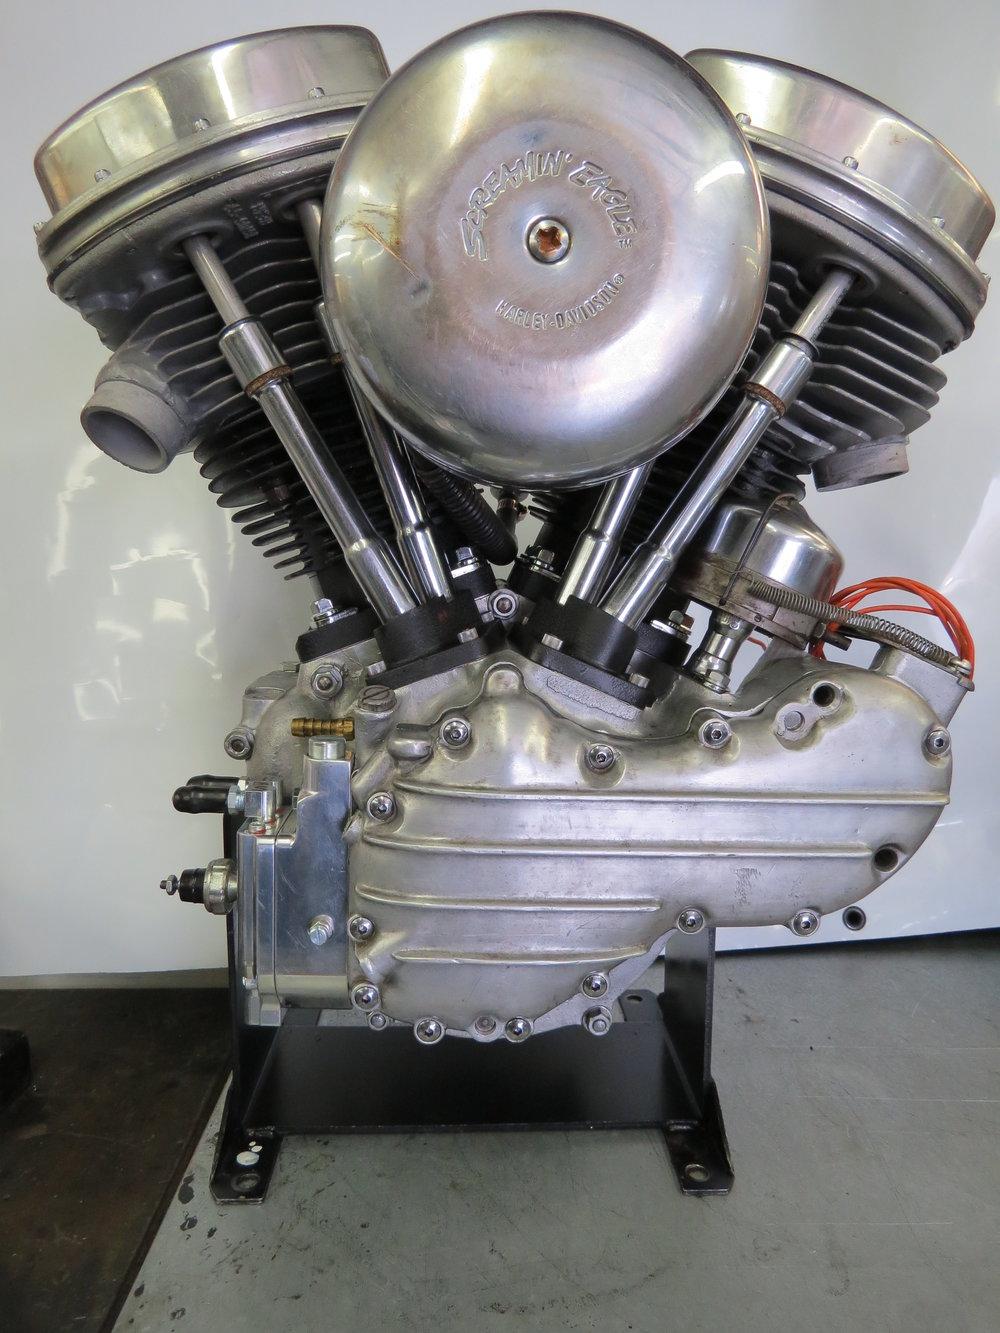 1957 HARLEY PANHEAD MOTOR REBUILT BY TODD APPLE